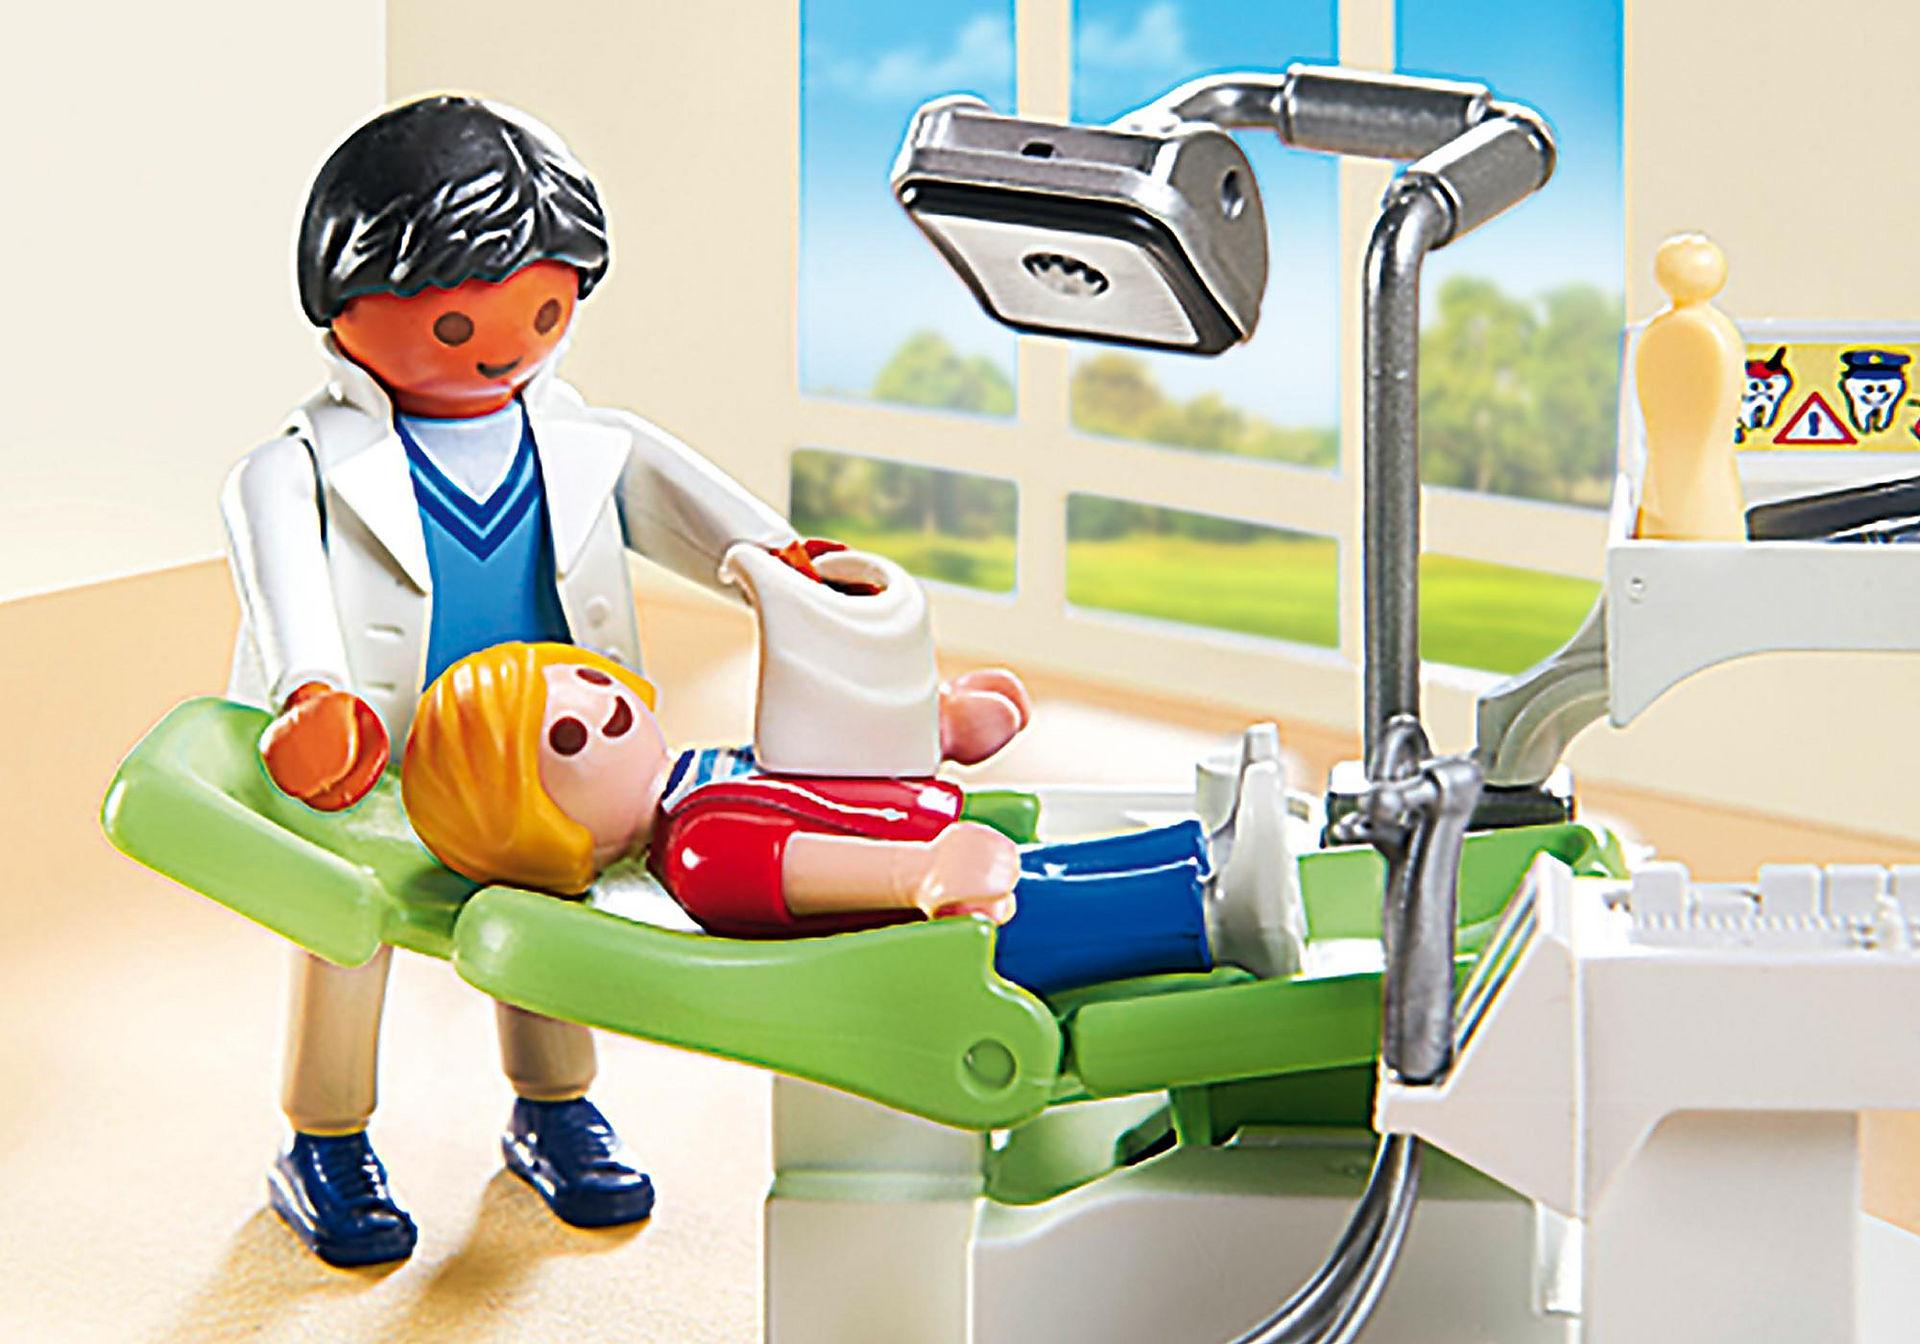 http://media.playmobil.com/i/playmobil/6662_product_extra1/Dentista com Paciente